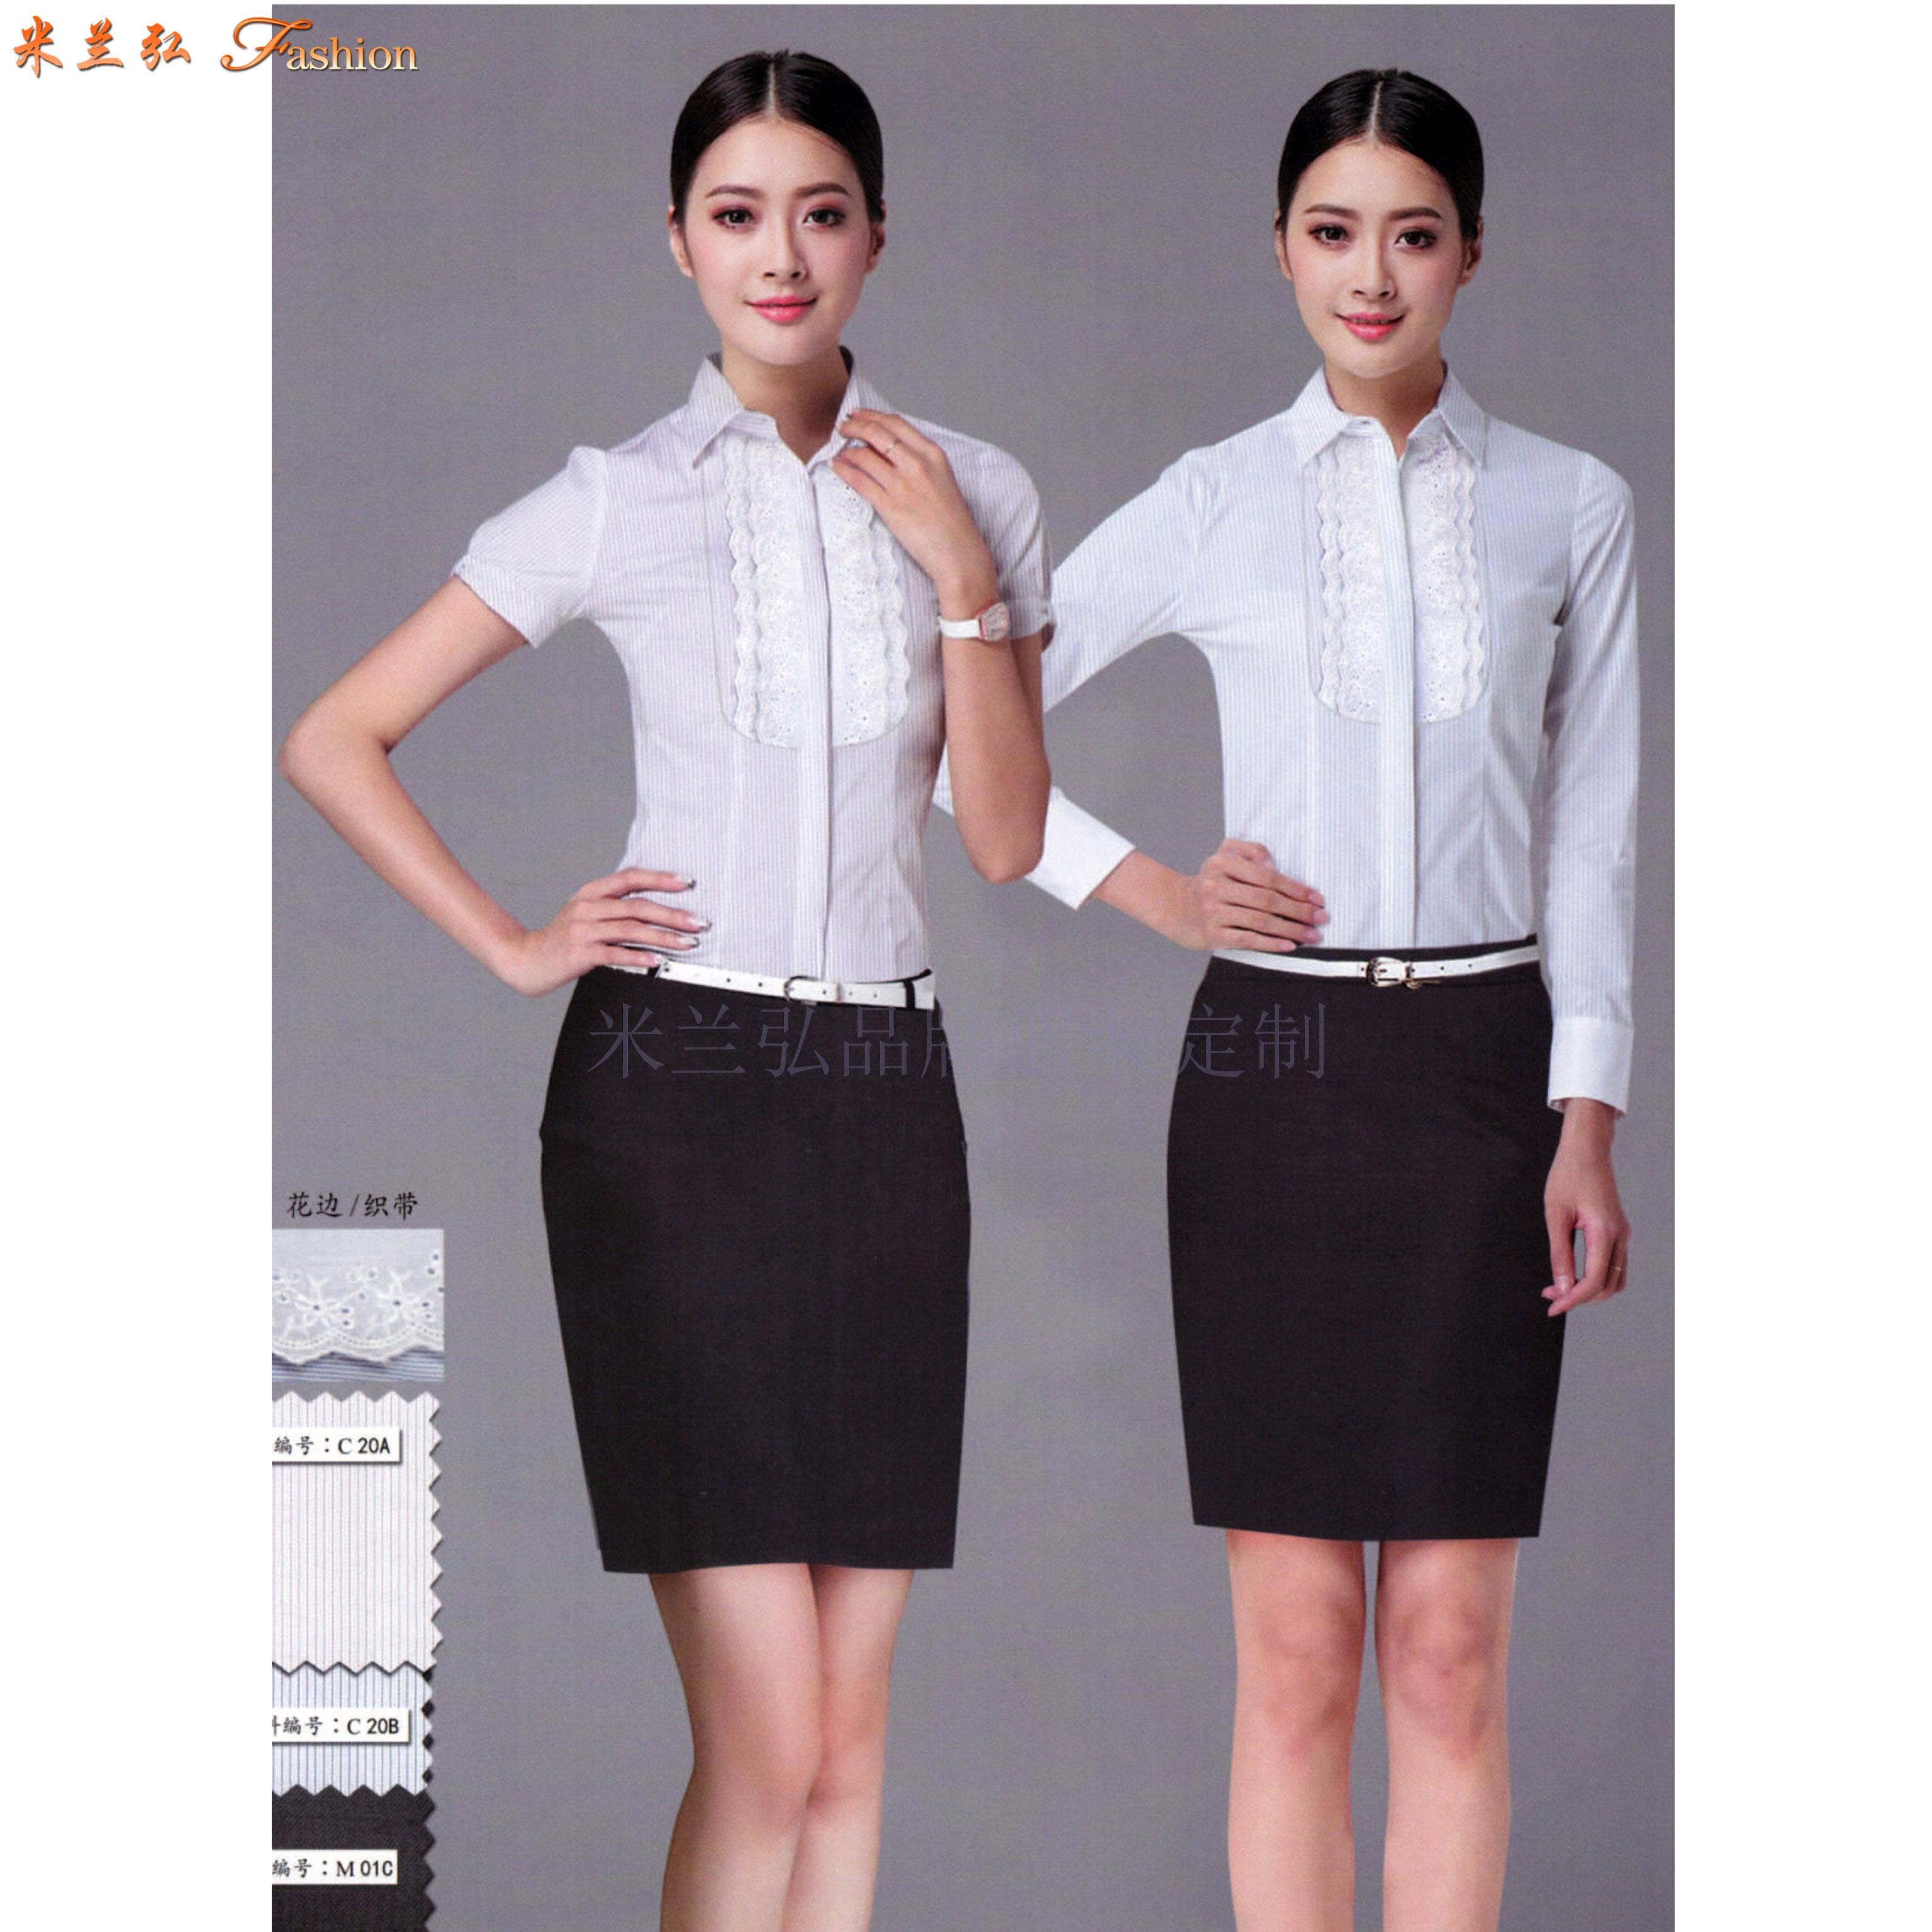 北京襯衫廠_定制白襯衫北京-米蘭弘服裝-2